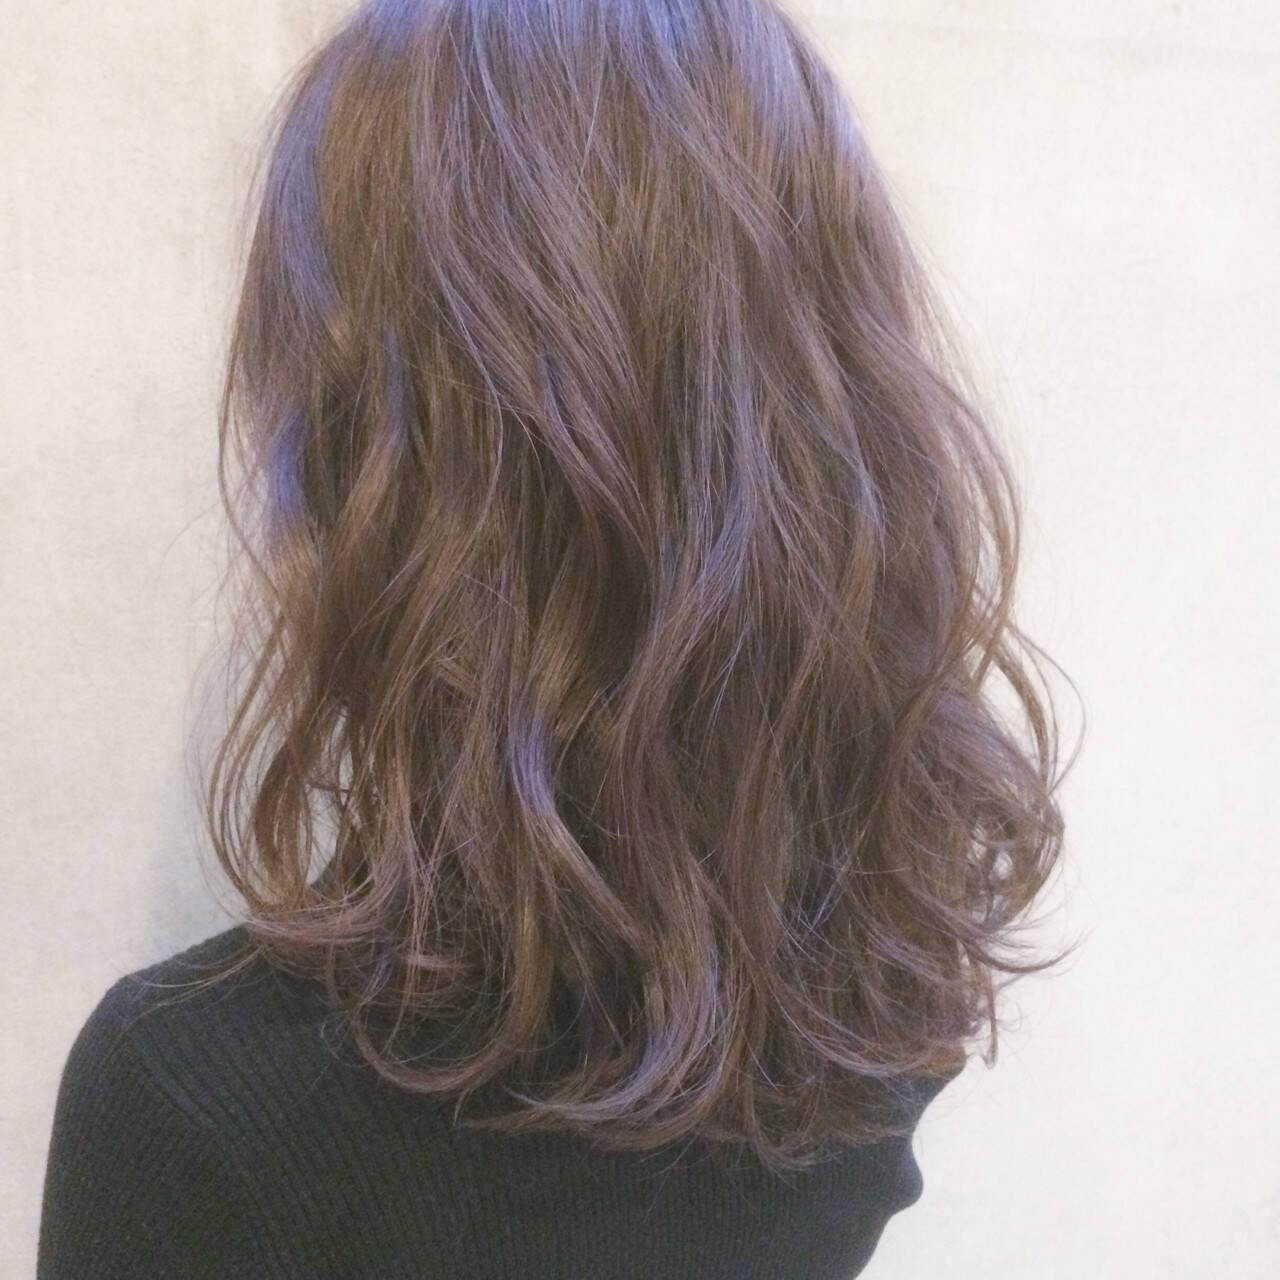 アンニュイ ゆるふわ 大人かわいい ナチュラルヘアスタイルや髪型の写真・画像